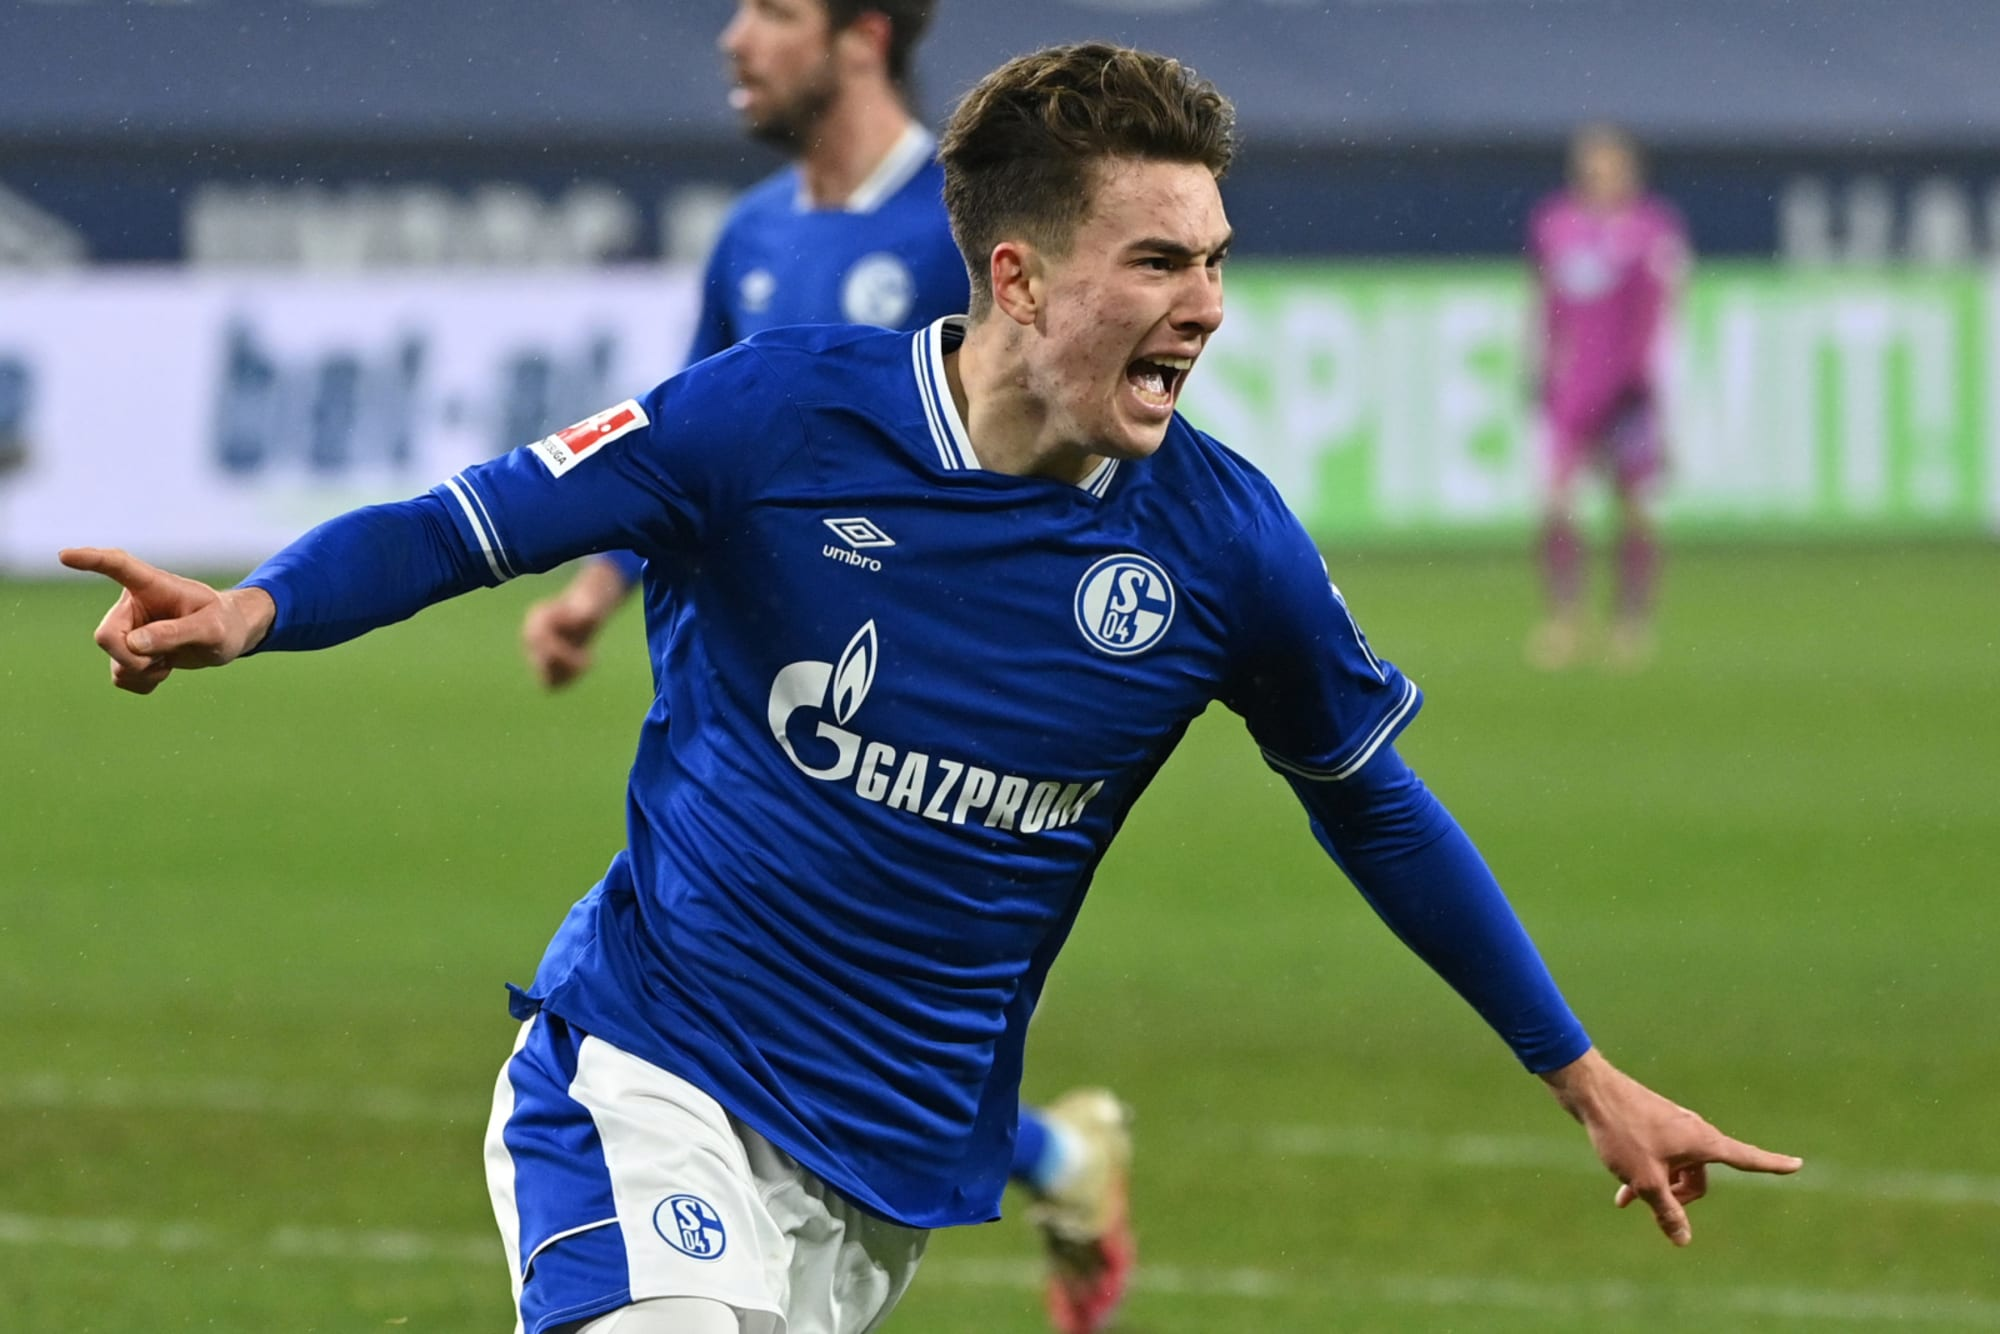 Matthew Hoppe, a esperança do Schalke